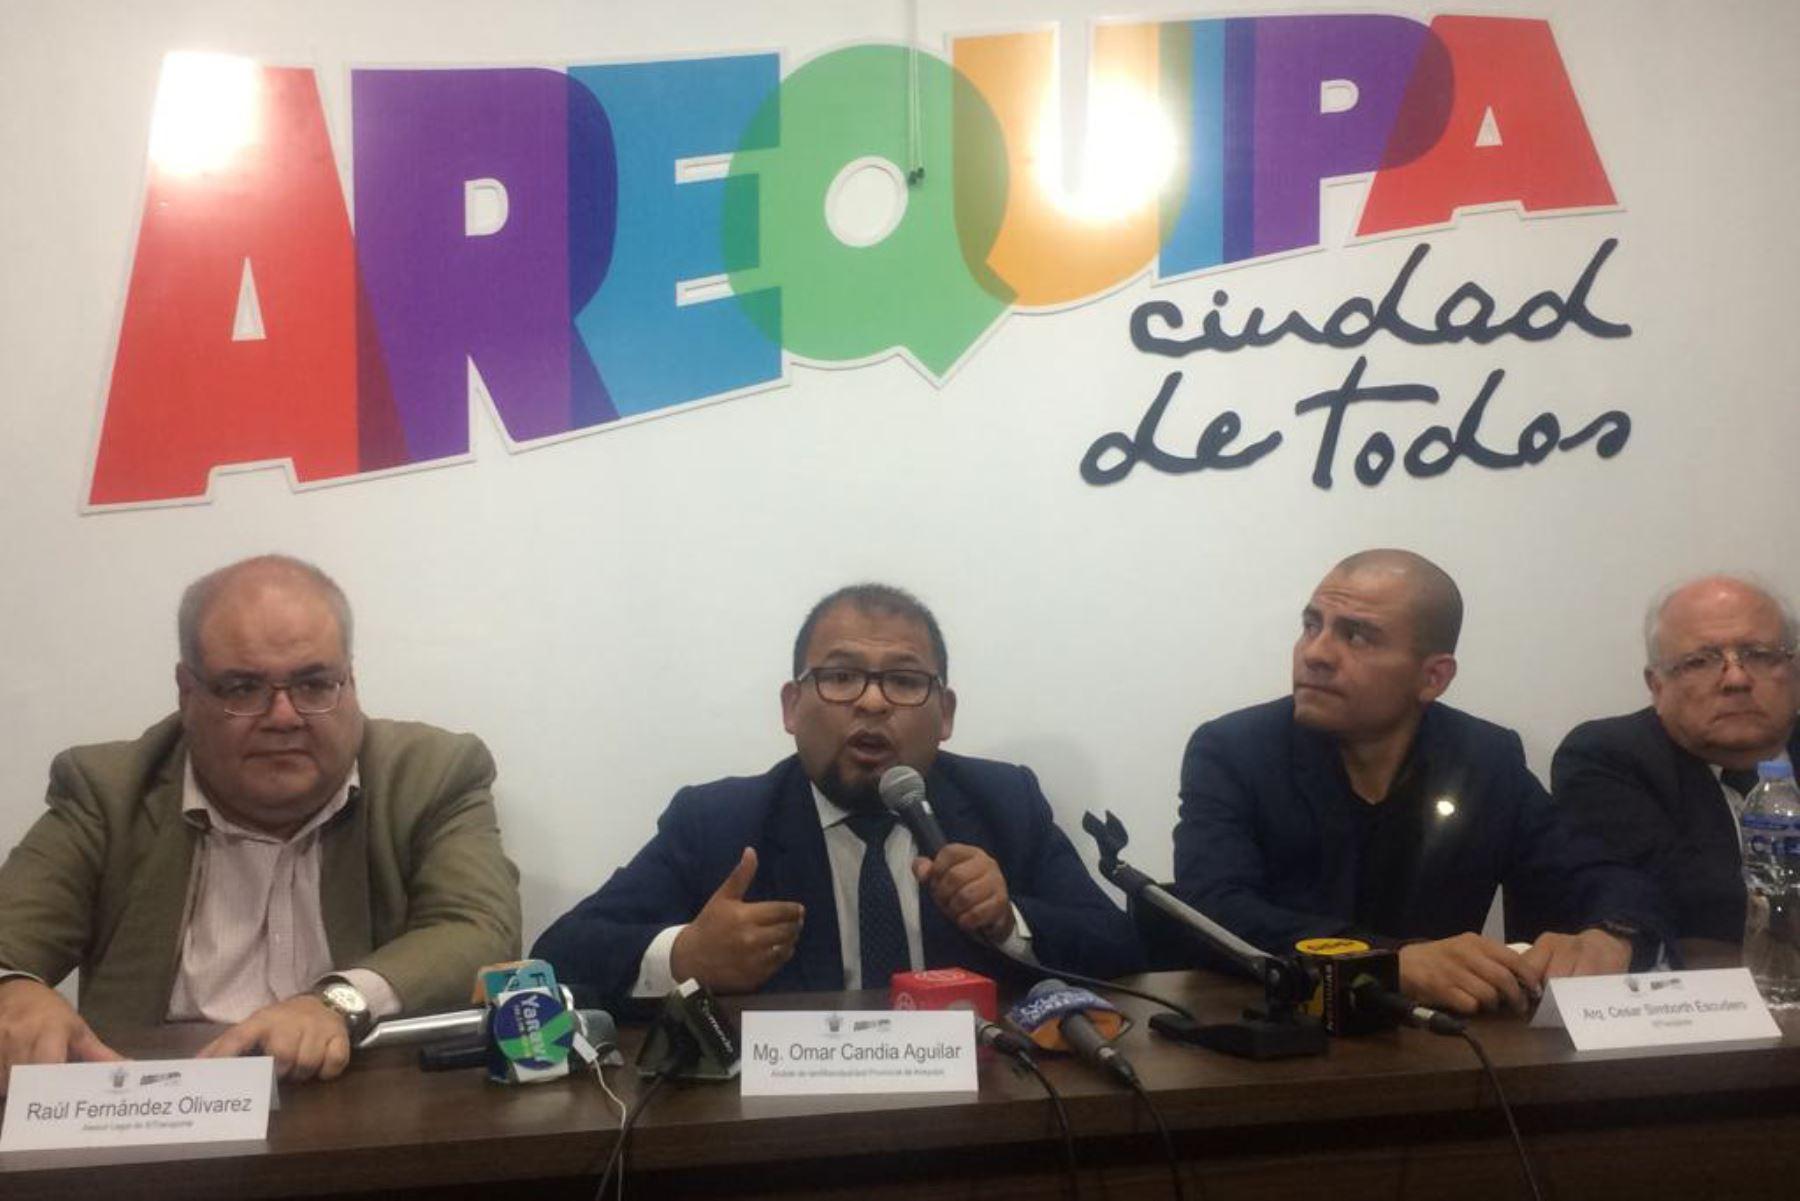 Presidente Martín Vizcarra actuó de acuerdo a procedimientos constitucionales, afirma alcalde de Arequipa, Omar Candia.